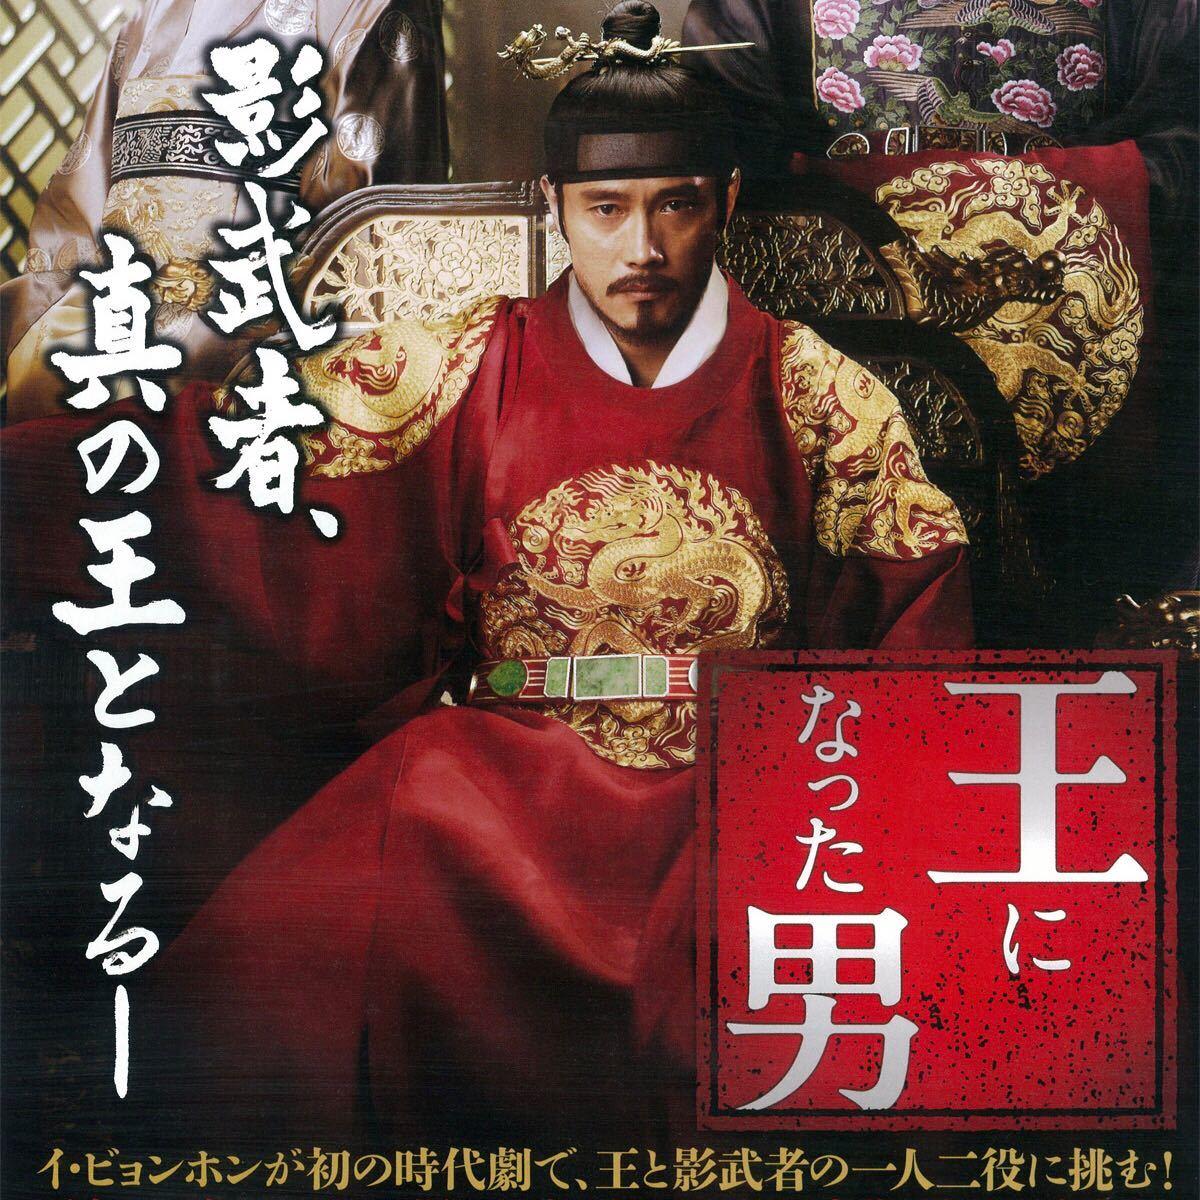 韓国映画  王になった男  王の涙  DVD  2点セット  日本語吹替有り  レーベル有り